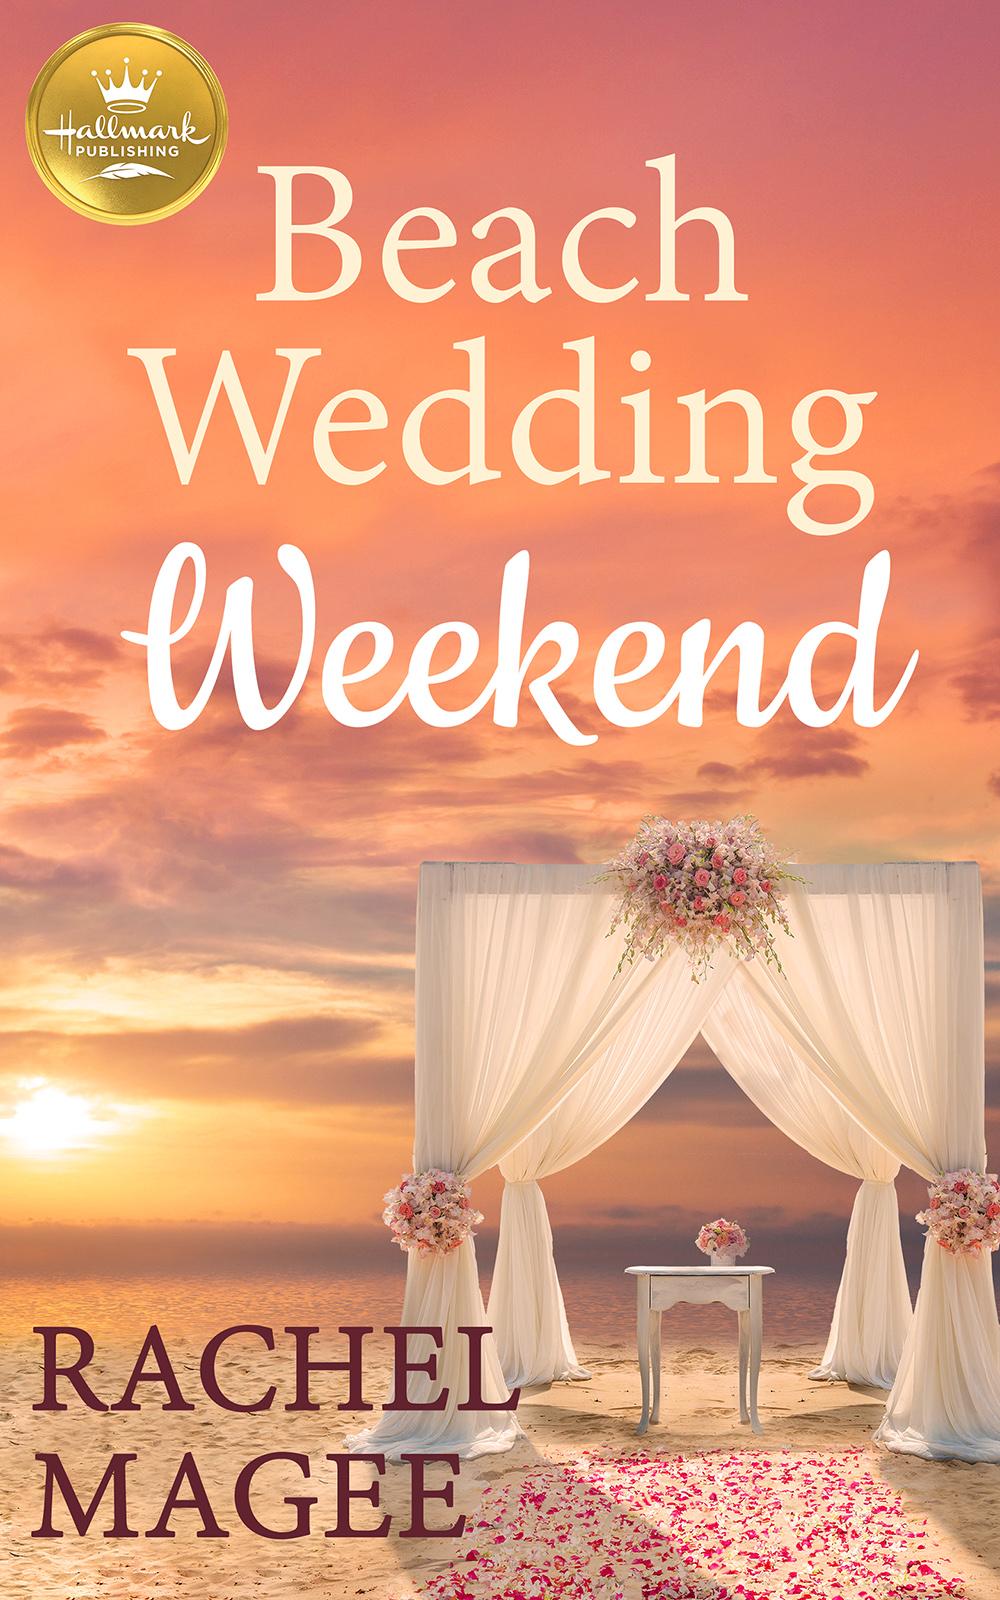 BEACH WEDDING WEEKEND by Rachel Magee – Blog Tour